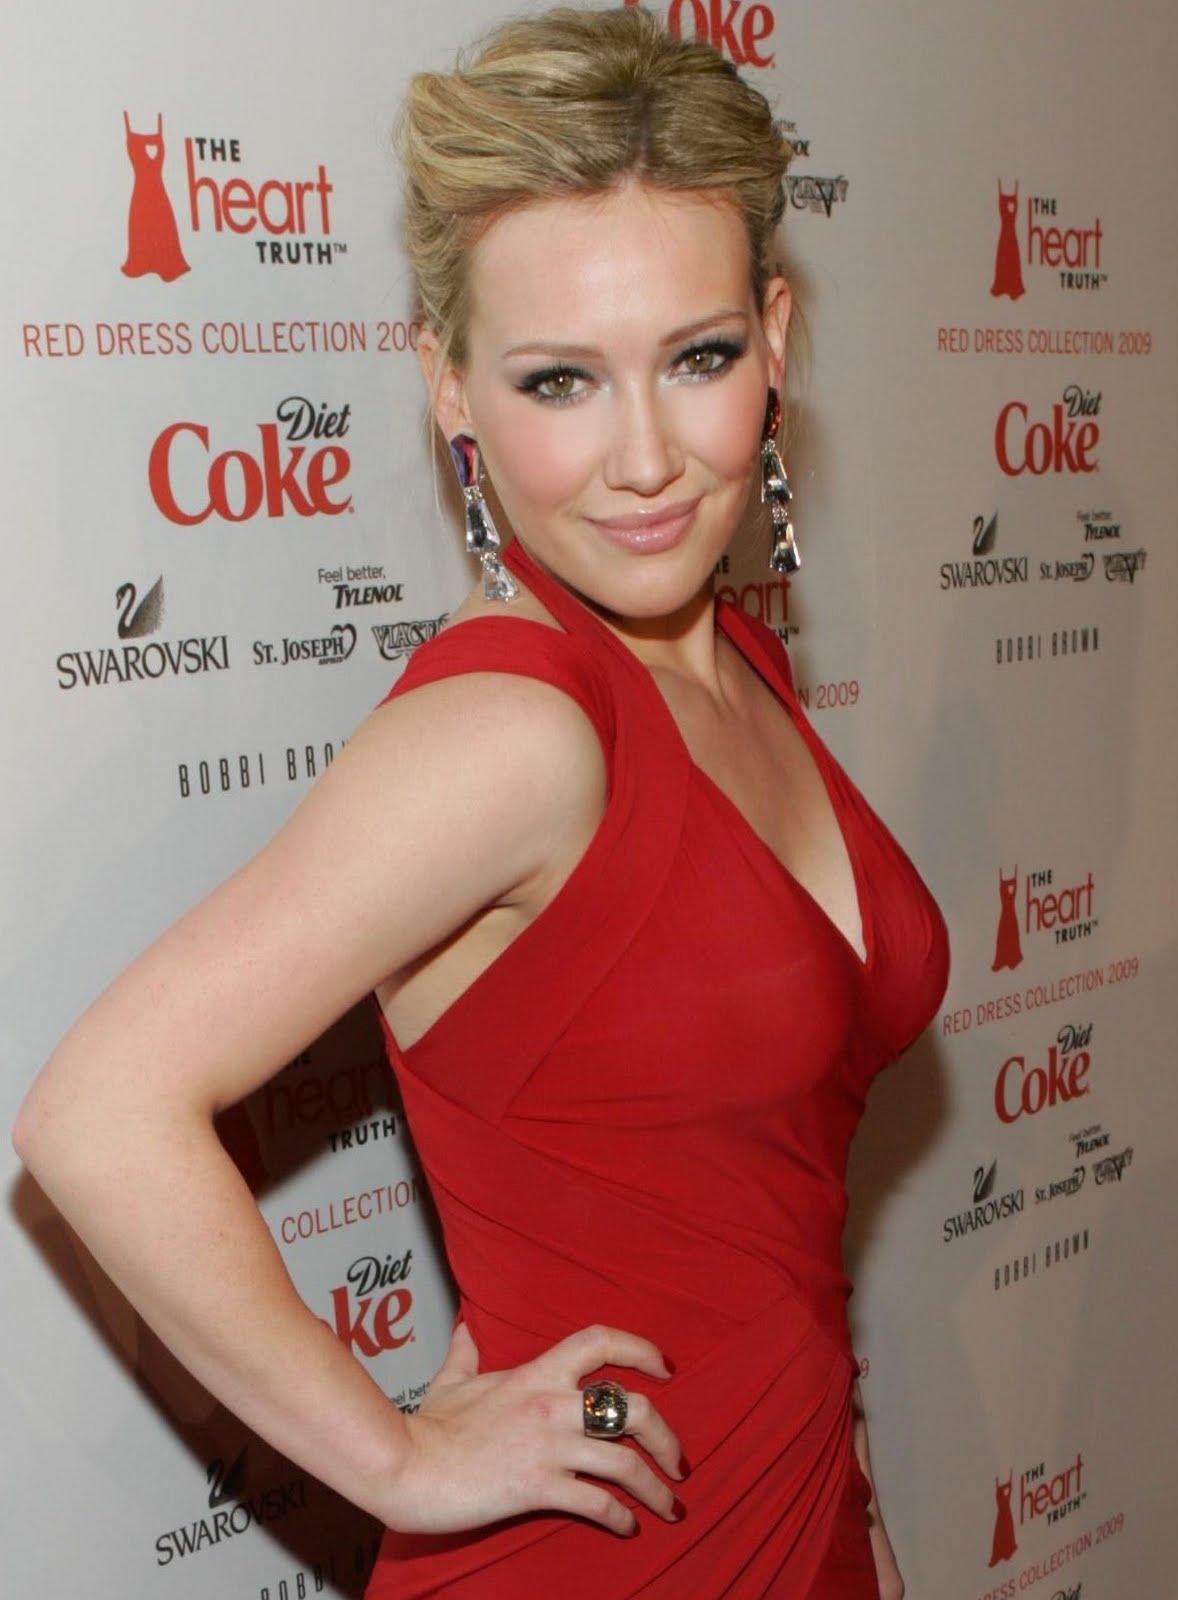 http://2.bp.blogspot.com/-f269TUiDCLU/TgJSUtbT7KI/AAAAAAAABXc/Msu4K10jNhU/s1600/Hilary_Duff_%25282009%2529.jpg